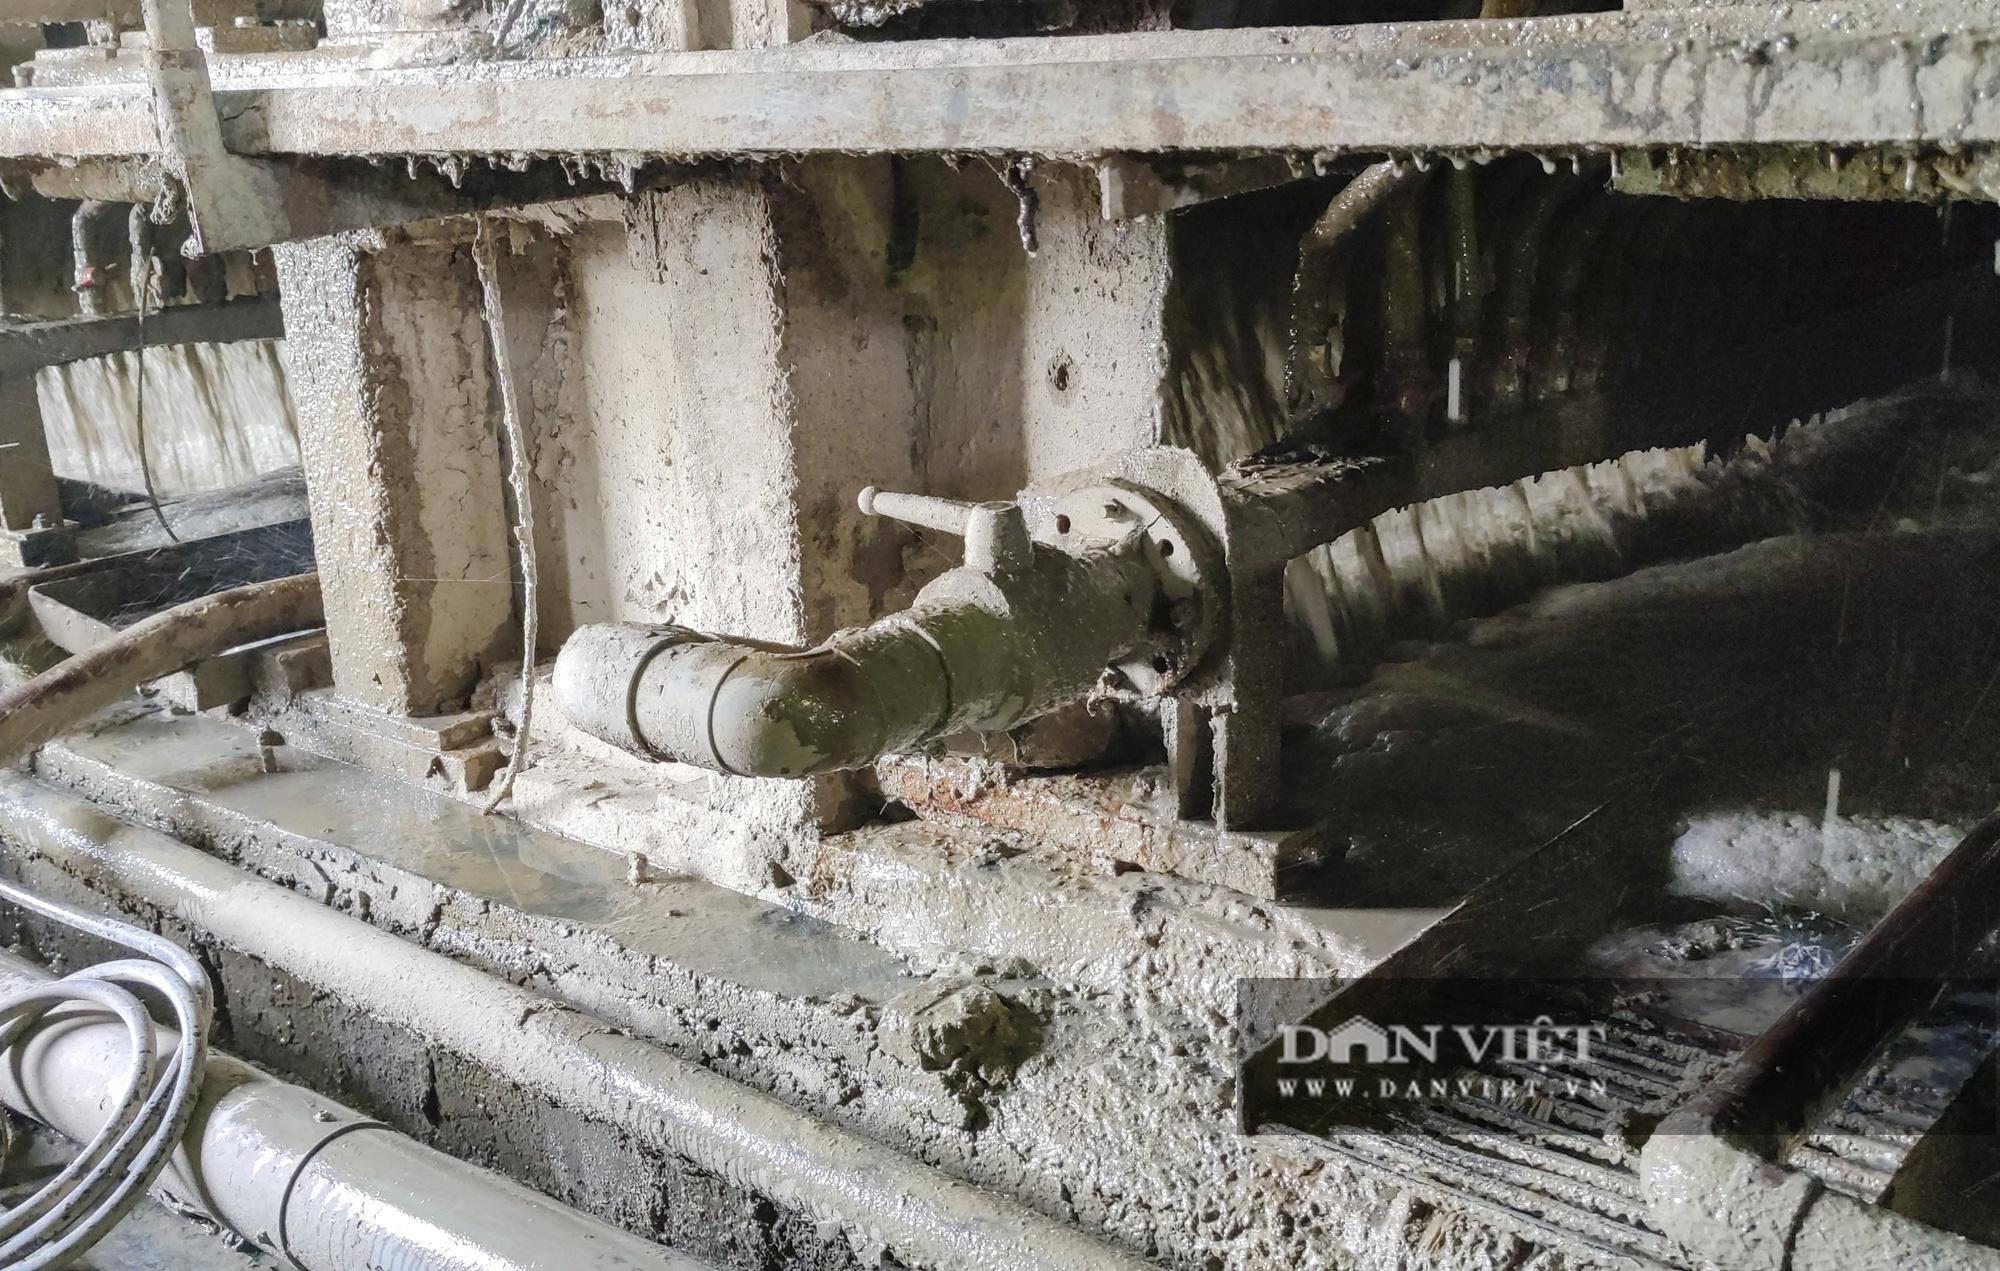 Kinh hãi bên trong nhà máy sản xuất giấy vừa bị đình chỉ ở Phong Khê - Ảnh 5.